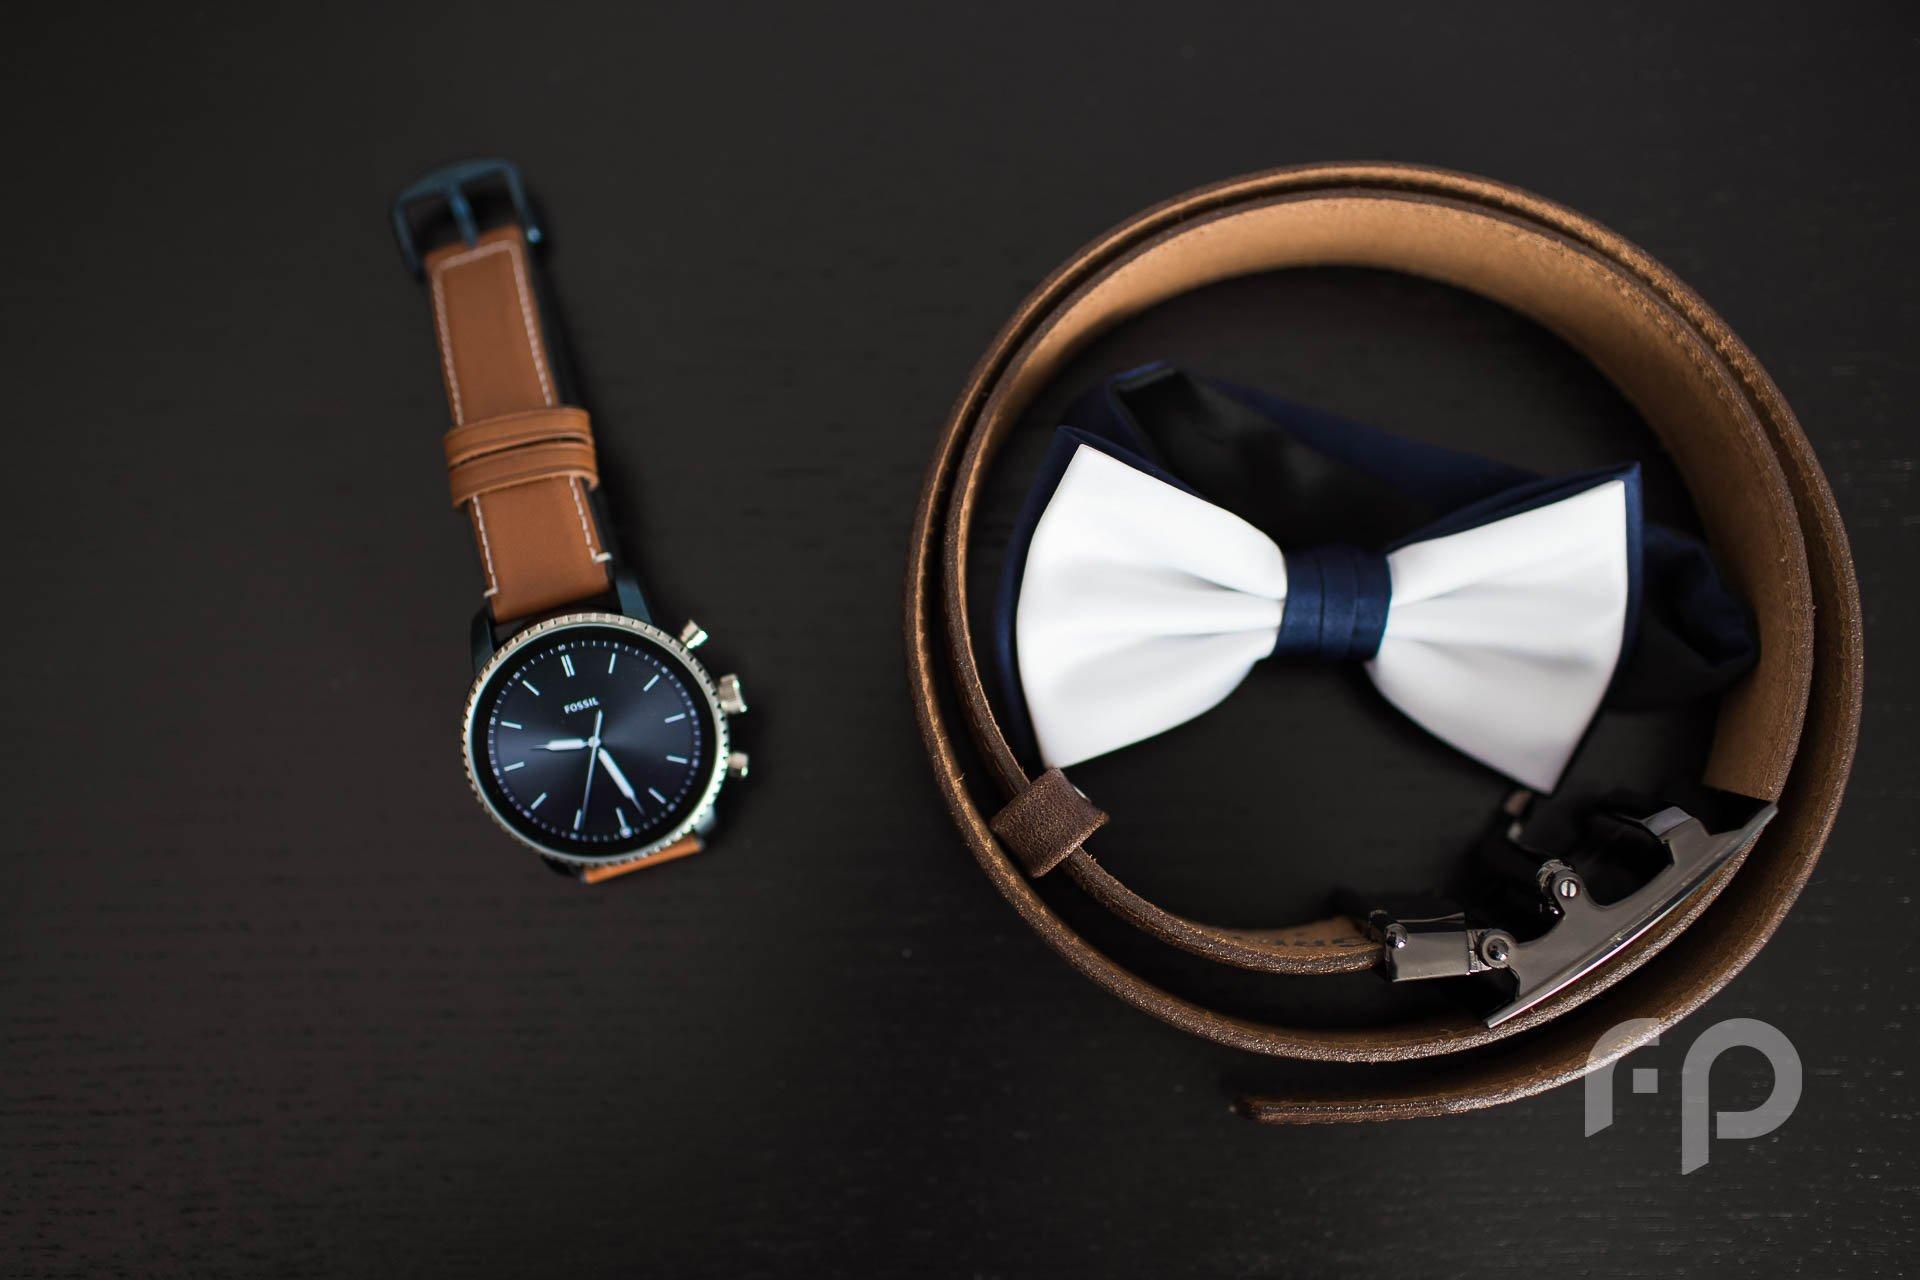 smartwatch na ślub, detale ślubne u pana młodego